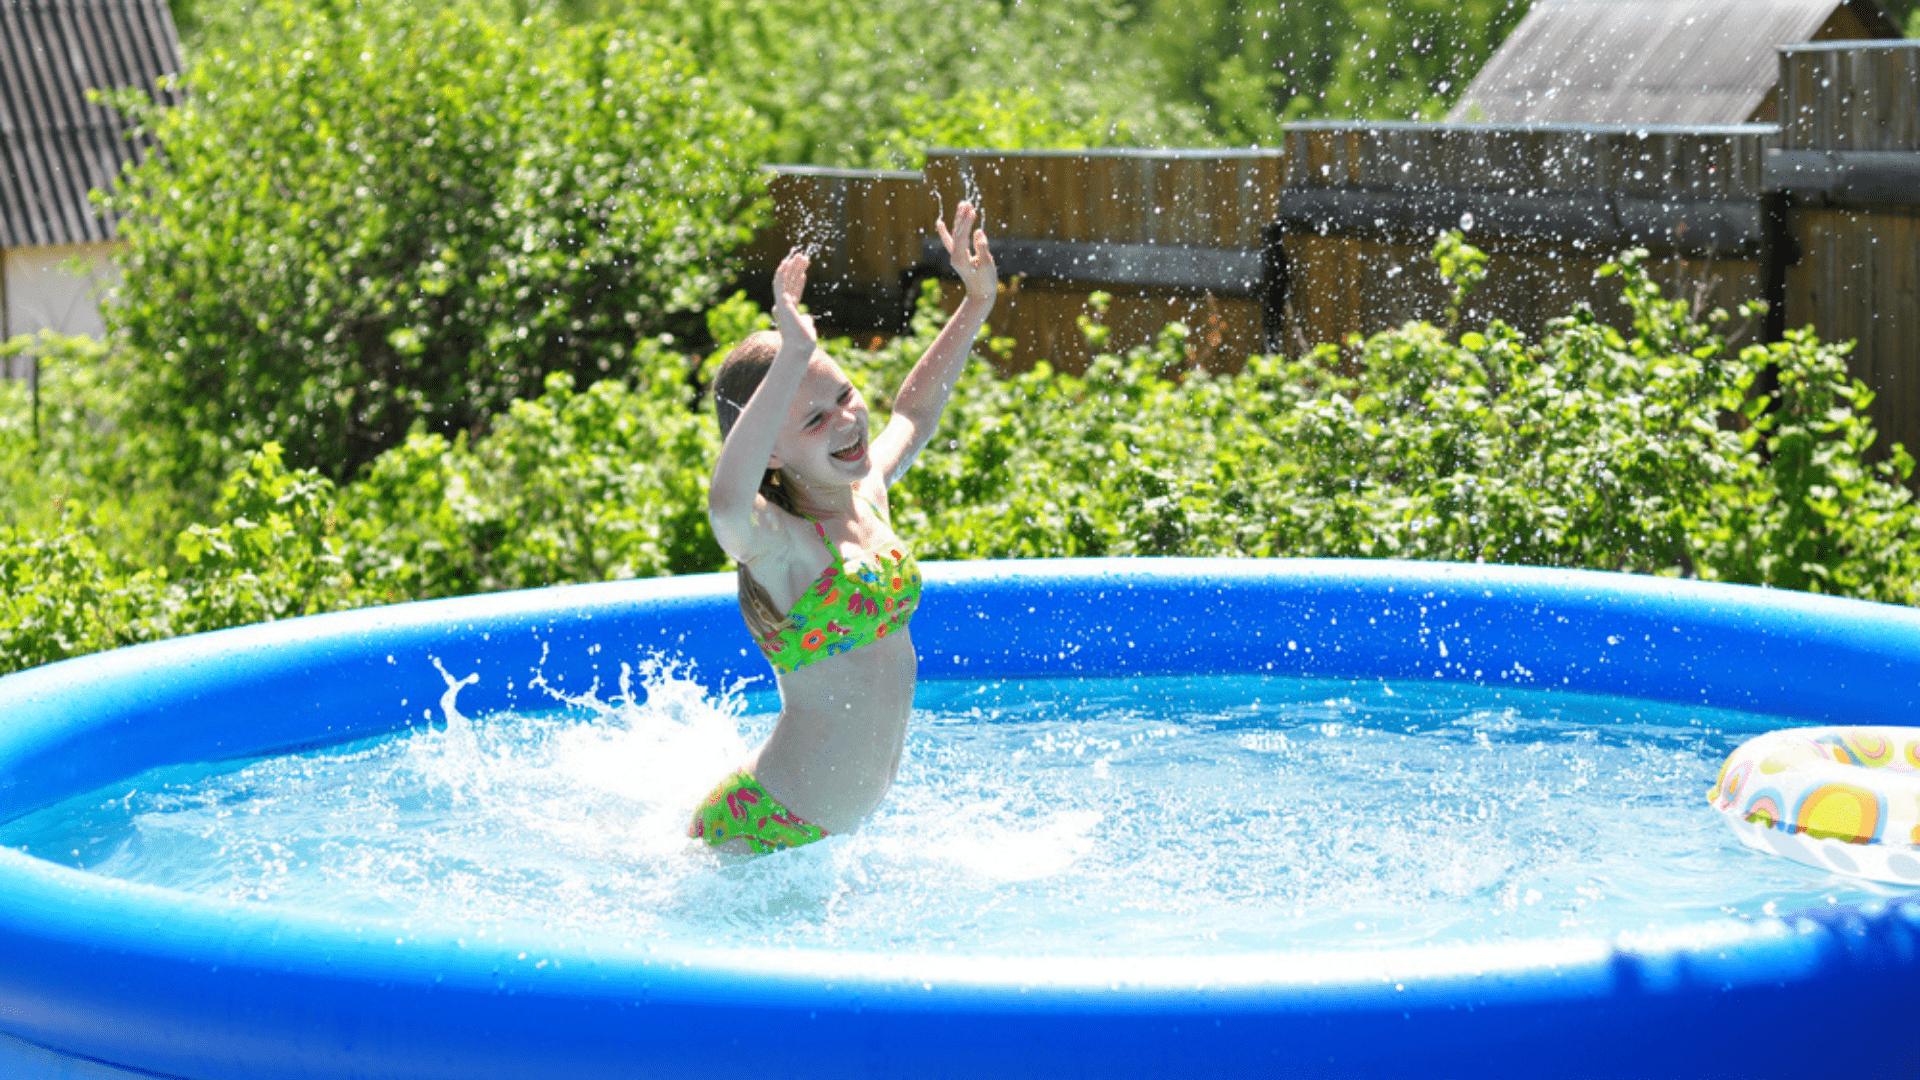 O tamanho da piscina deve ser compatível com o espaço disponível para ela (Imagem: Reprodução/Shutterstock)